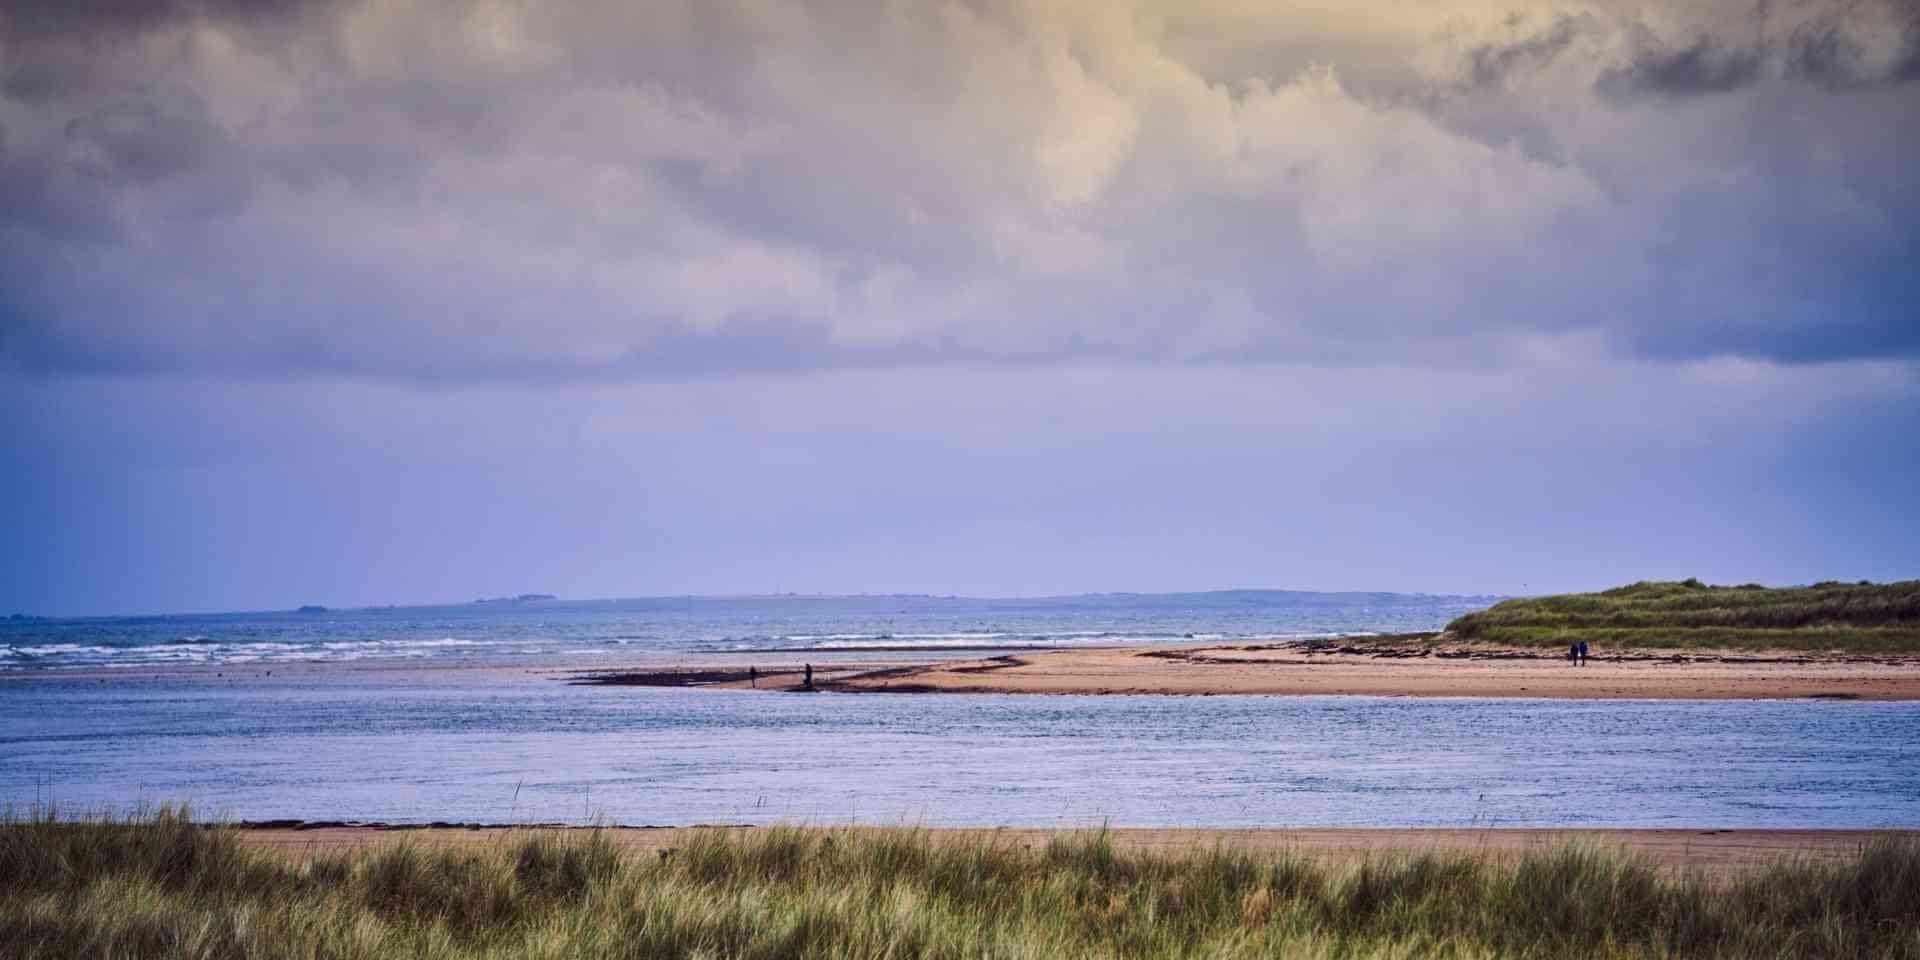 The beach at Golspie Scottish Highlands